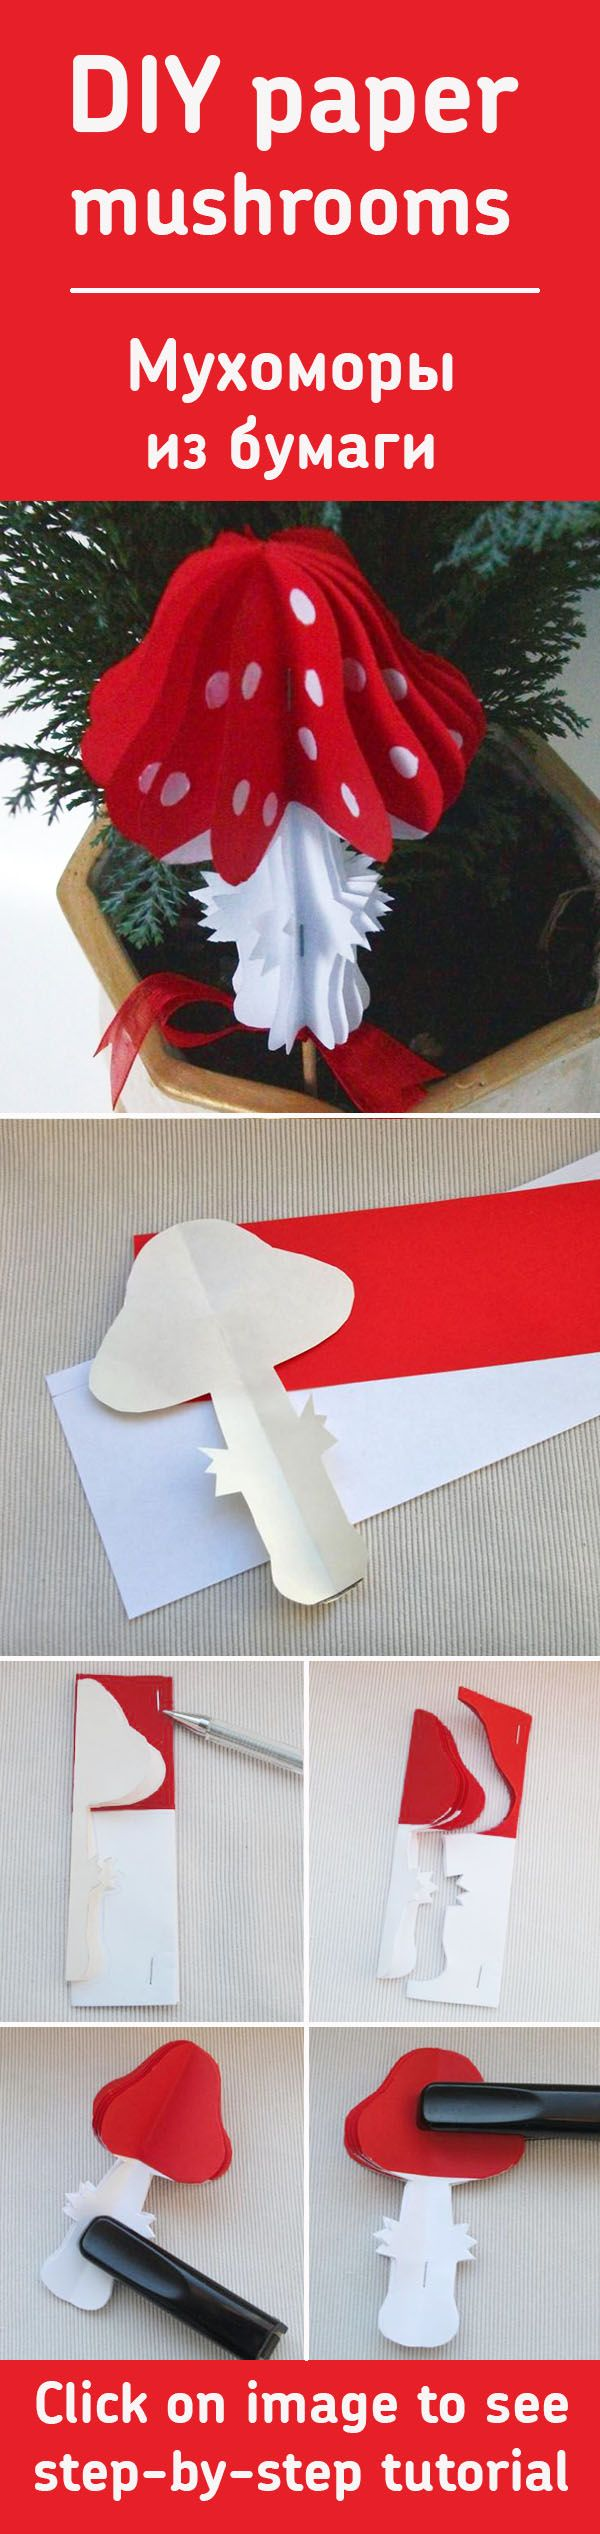 Делаем объемные украшения из бумаги — мухоморы / DIY paper mooshrooms #DIY #tutorial #handmade #paper #toy